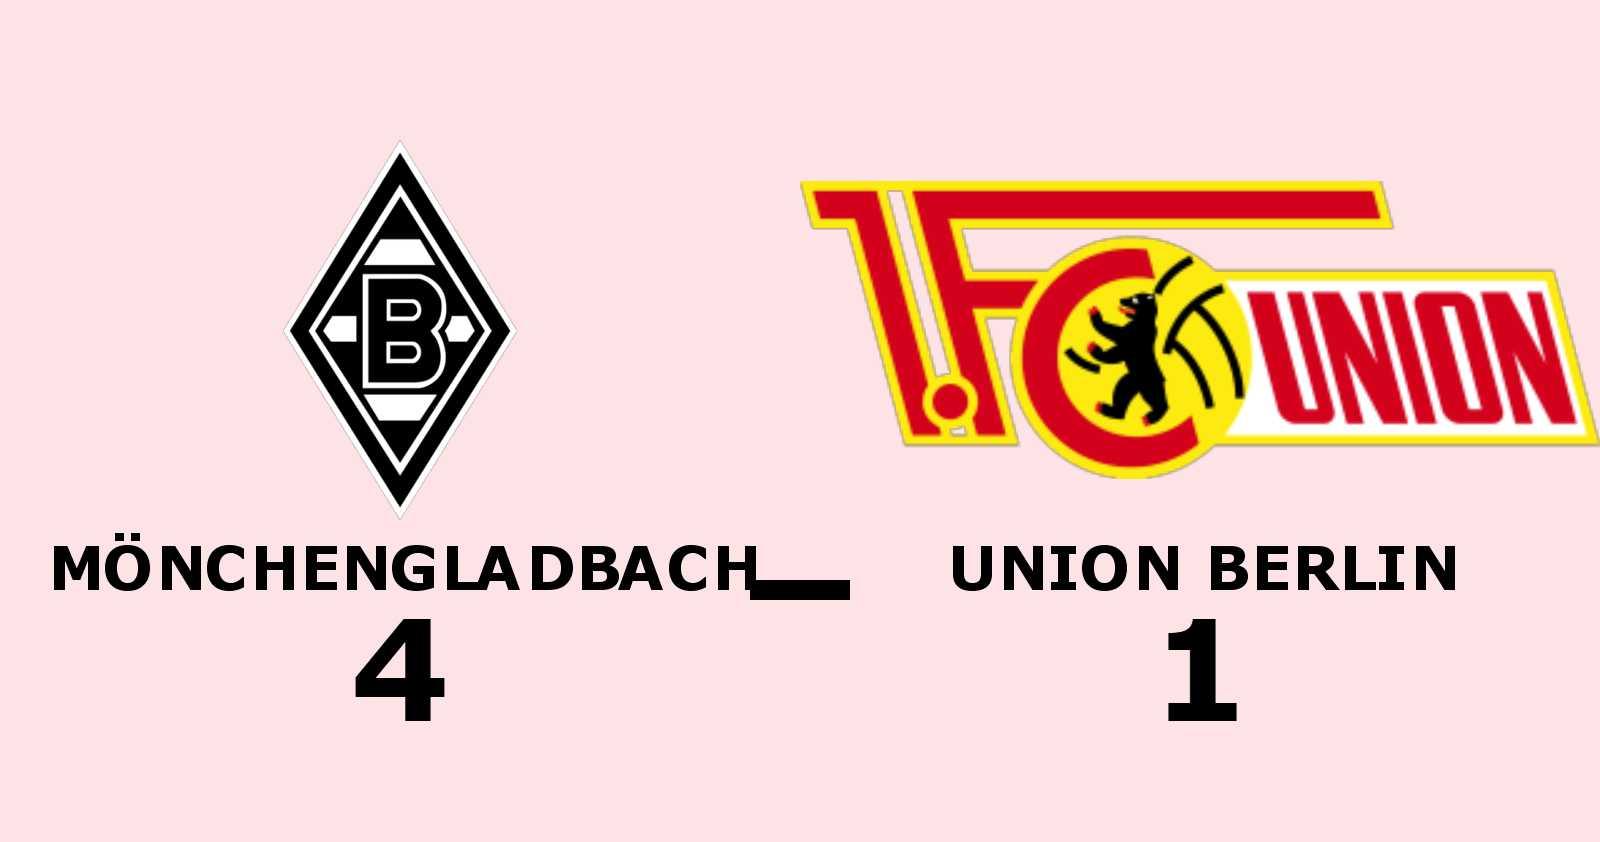 Mönchengladbach segrare hemma mot Union Berlin - Thuram matchvinnare